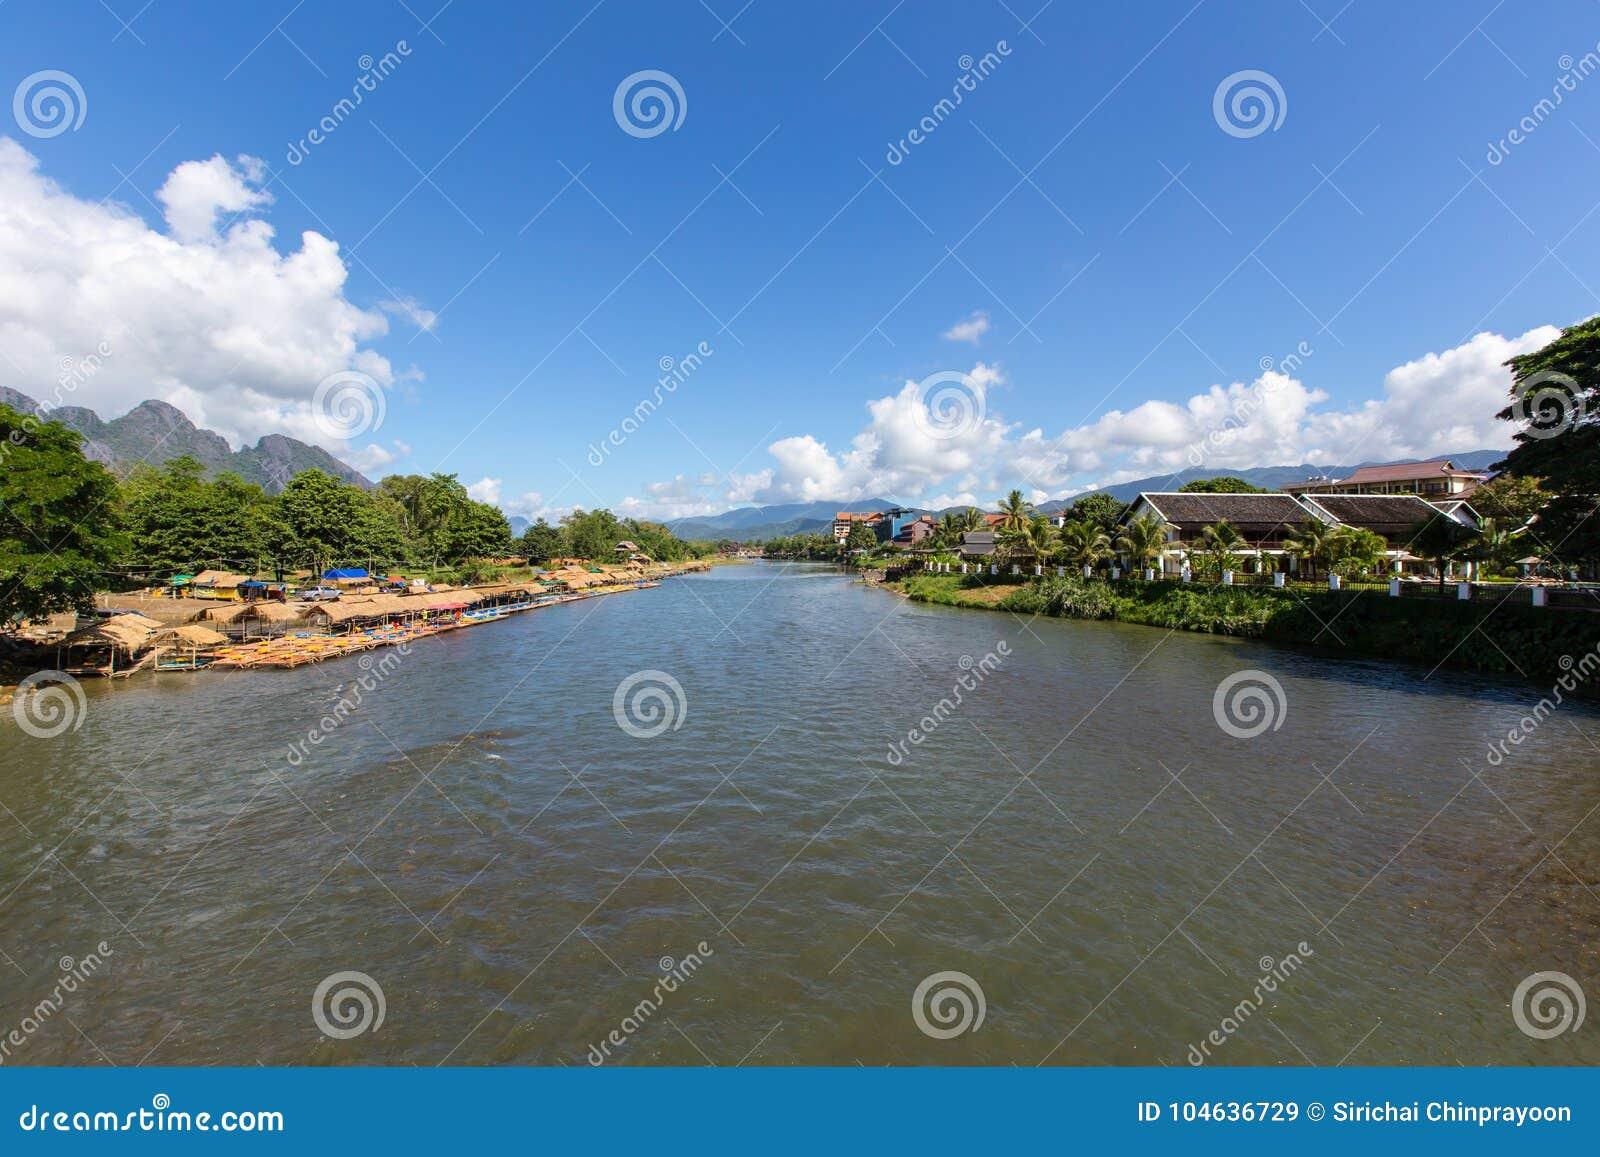 Download De Rivier Van Het Lied Van Nam In Vang Vieng Stock Afbeelding - Afbeelding bestaande uit zuidoosten, rivier: 104636729